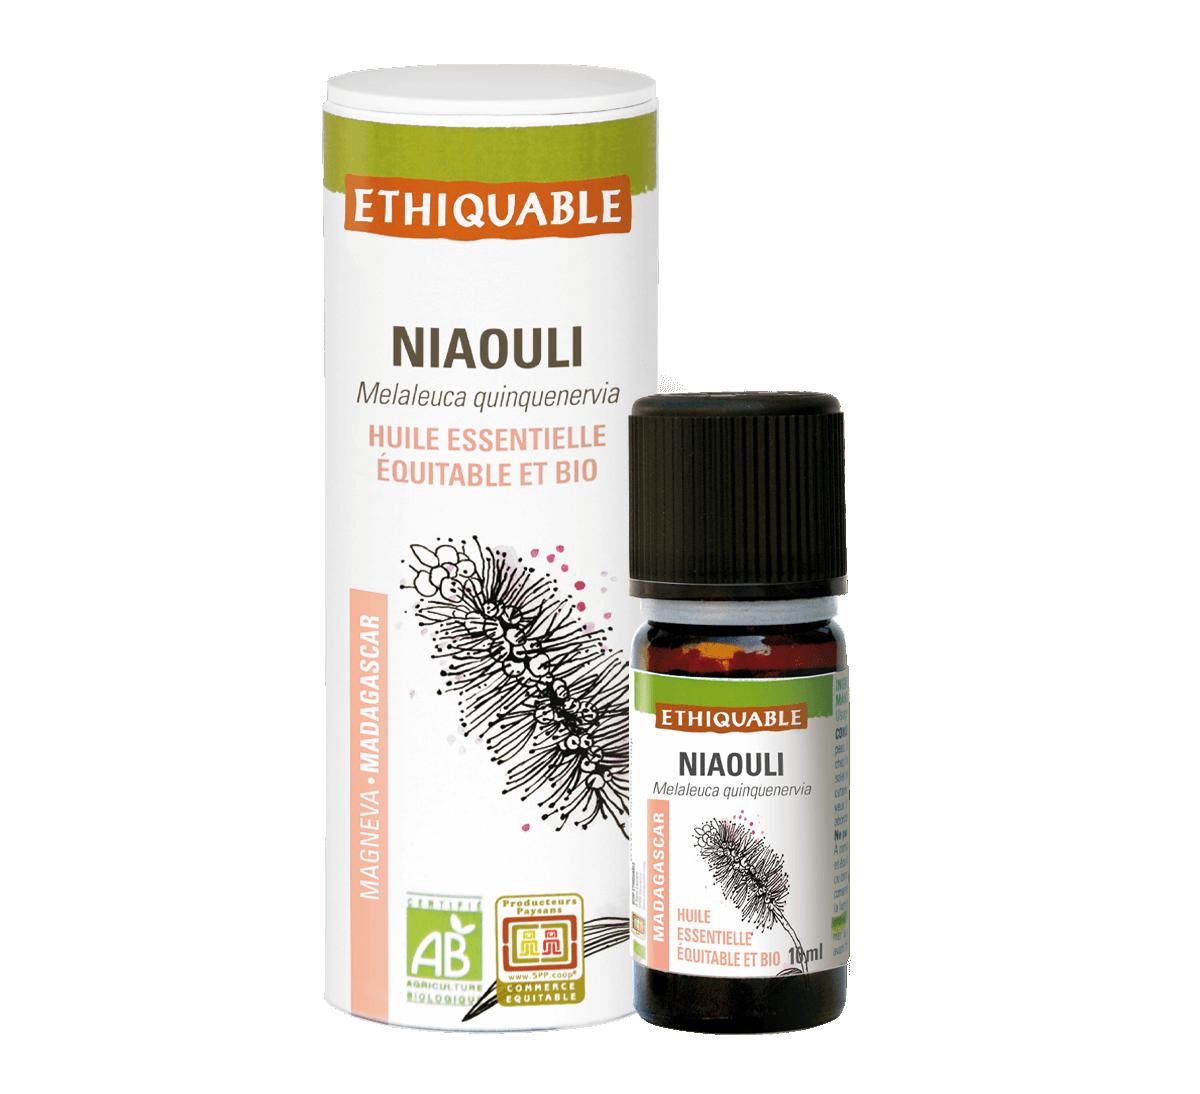 Ethiquable - Huile essentielle de niaouli bio issue du commerce équitable